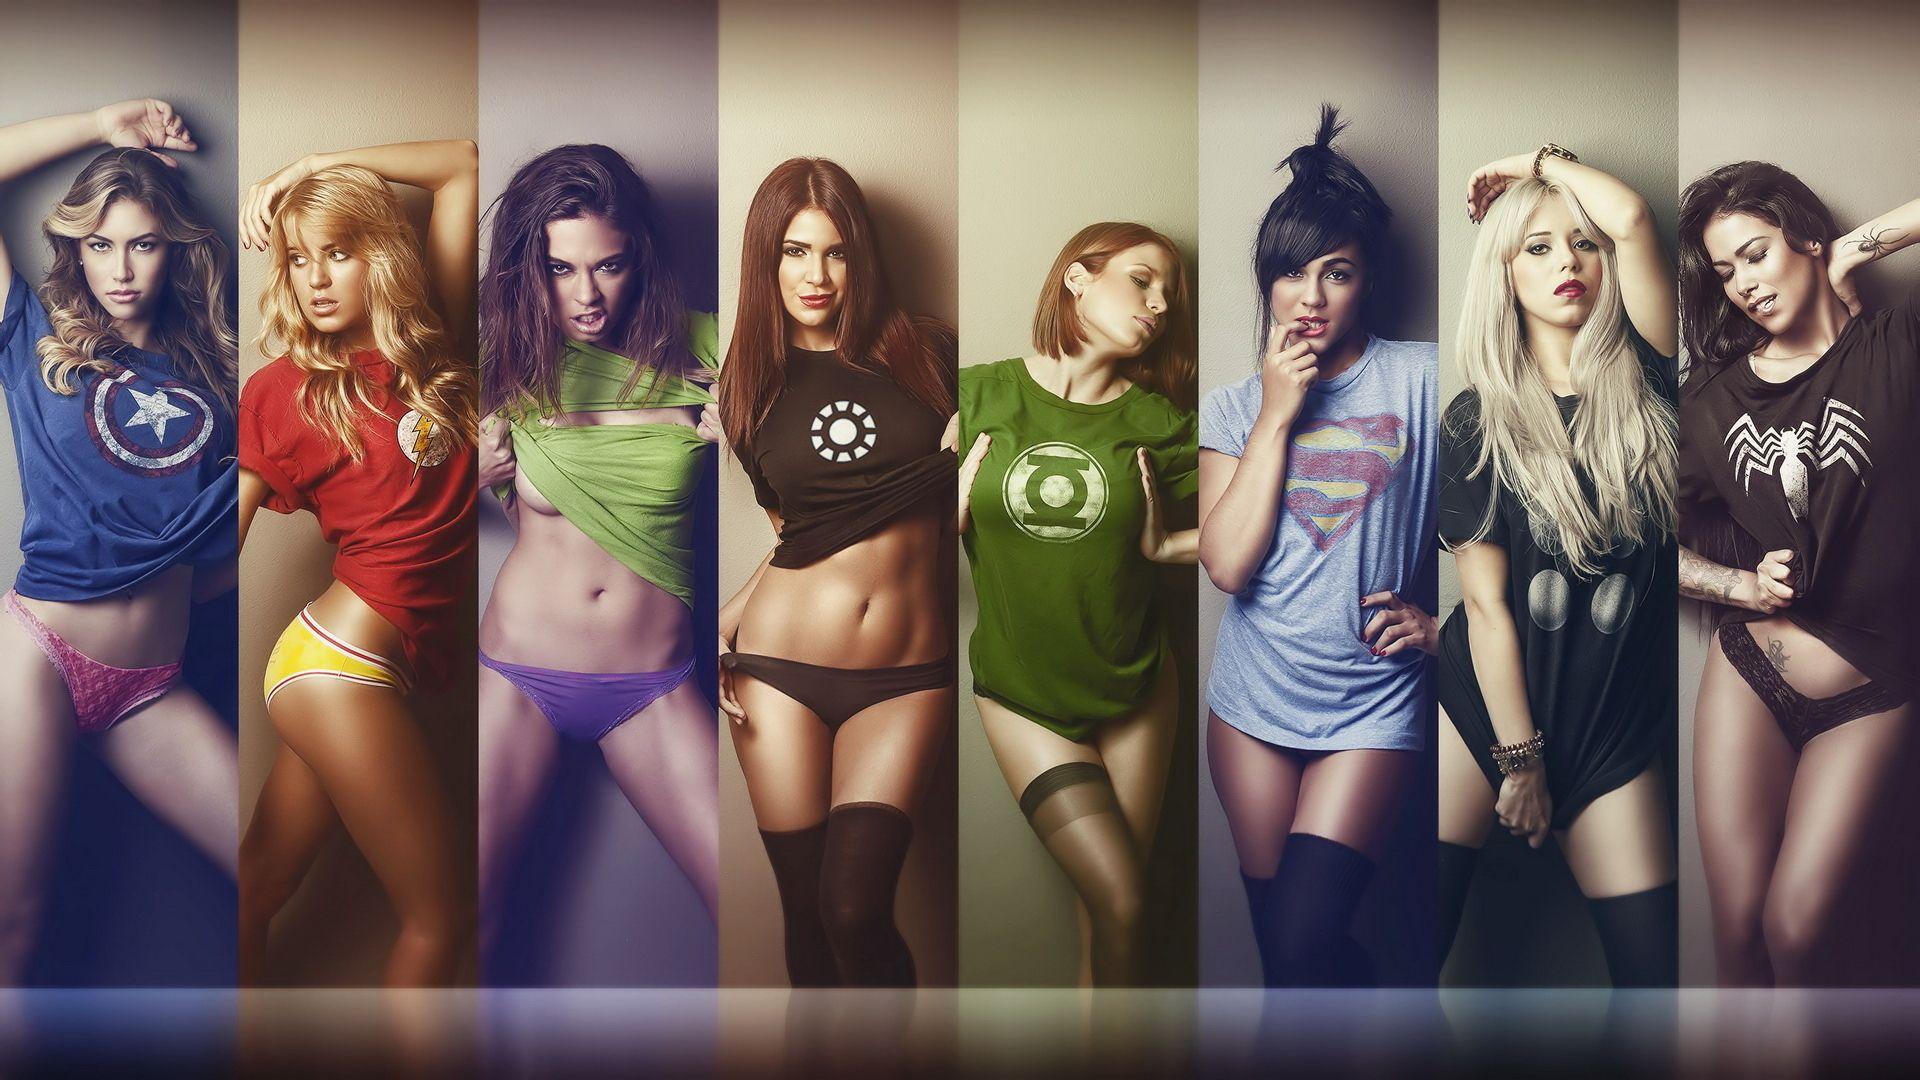 几个美女穿英雄衣服的图